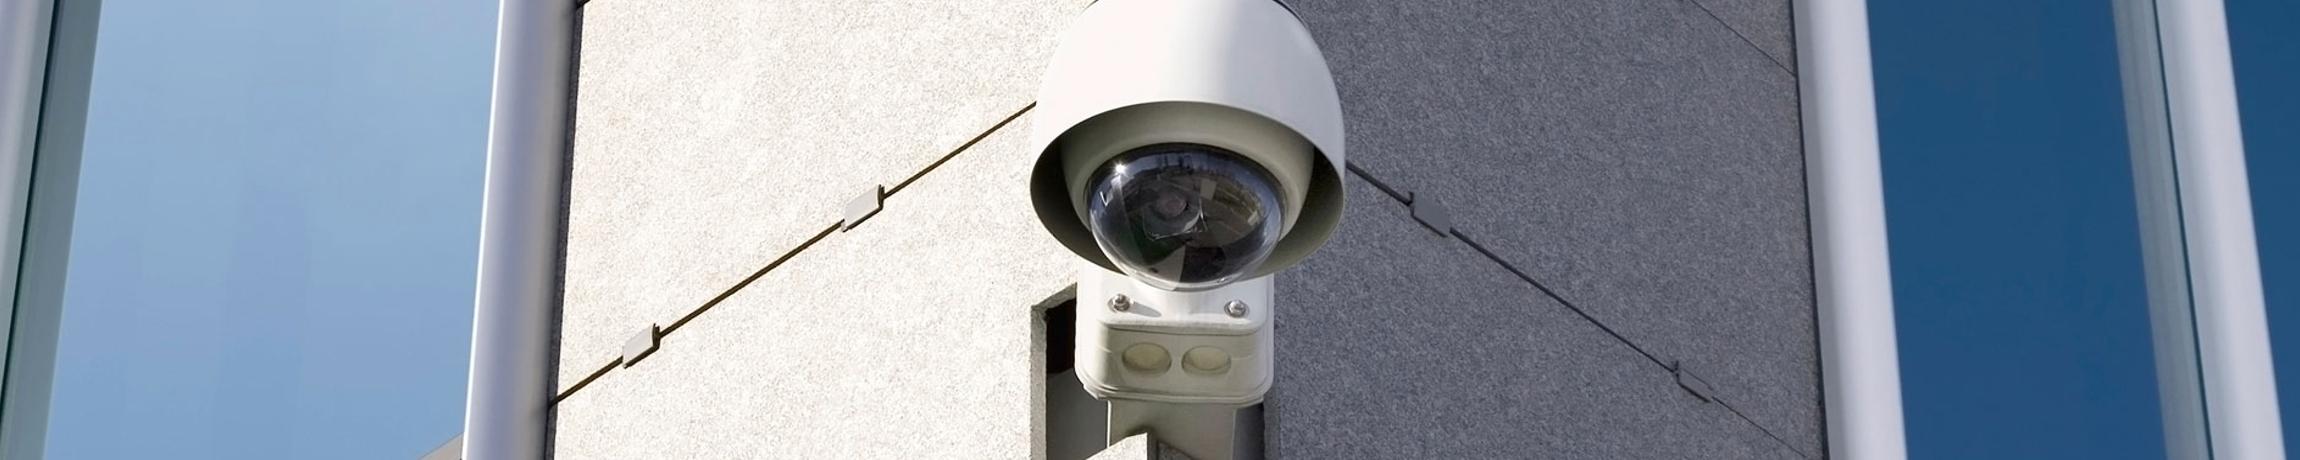 servizio-video sorveglianza-sassari-sardegna